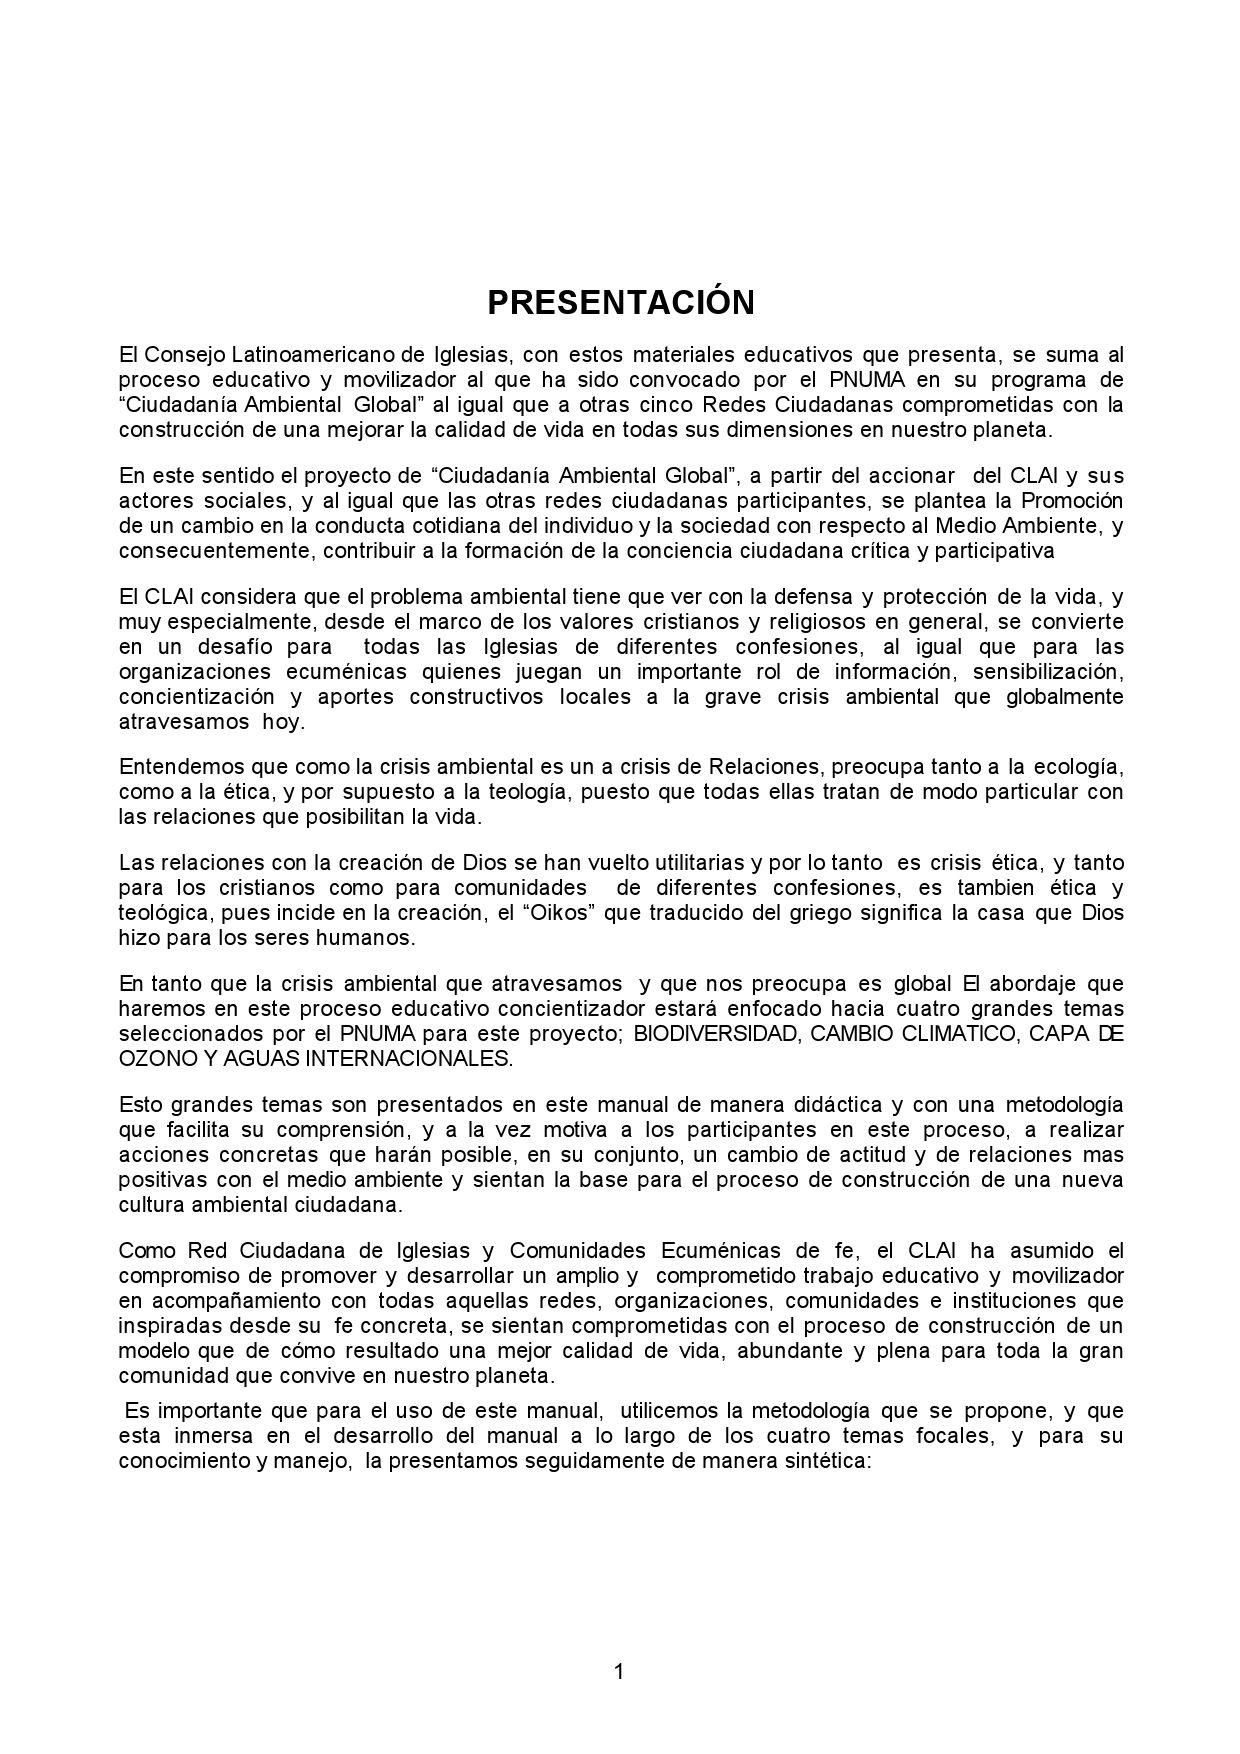 Manual de Medio Ambiente by CONSEJO LATINOAMERICANO DE IGLESIAS - issuu